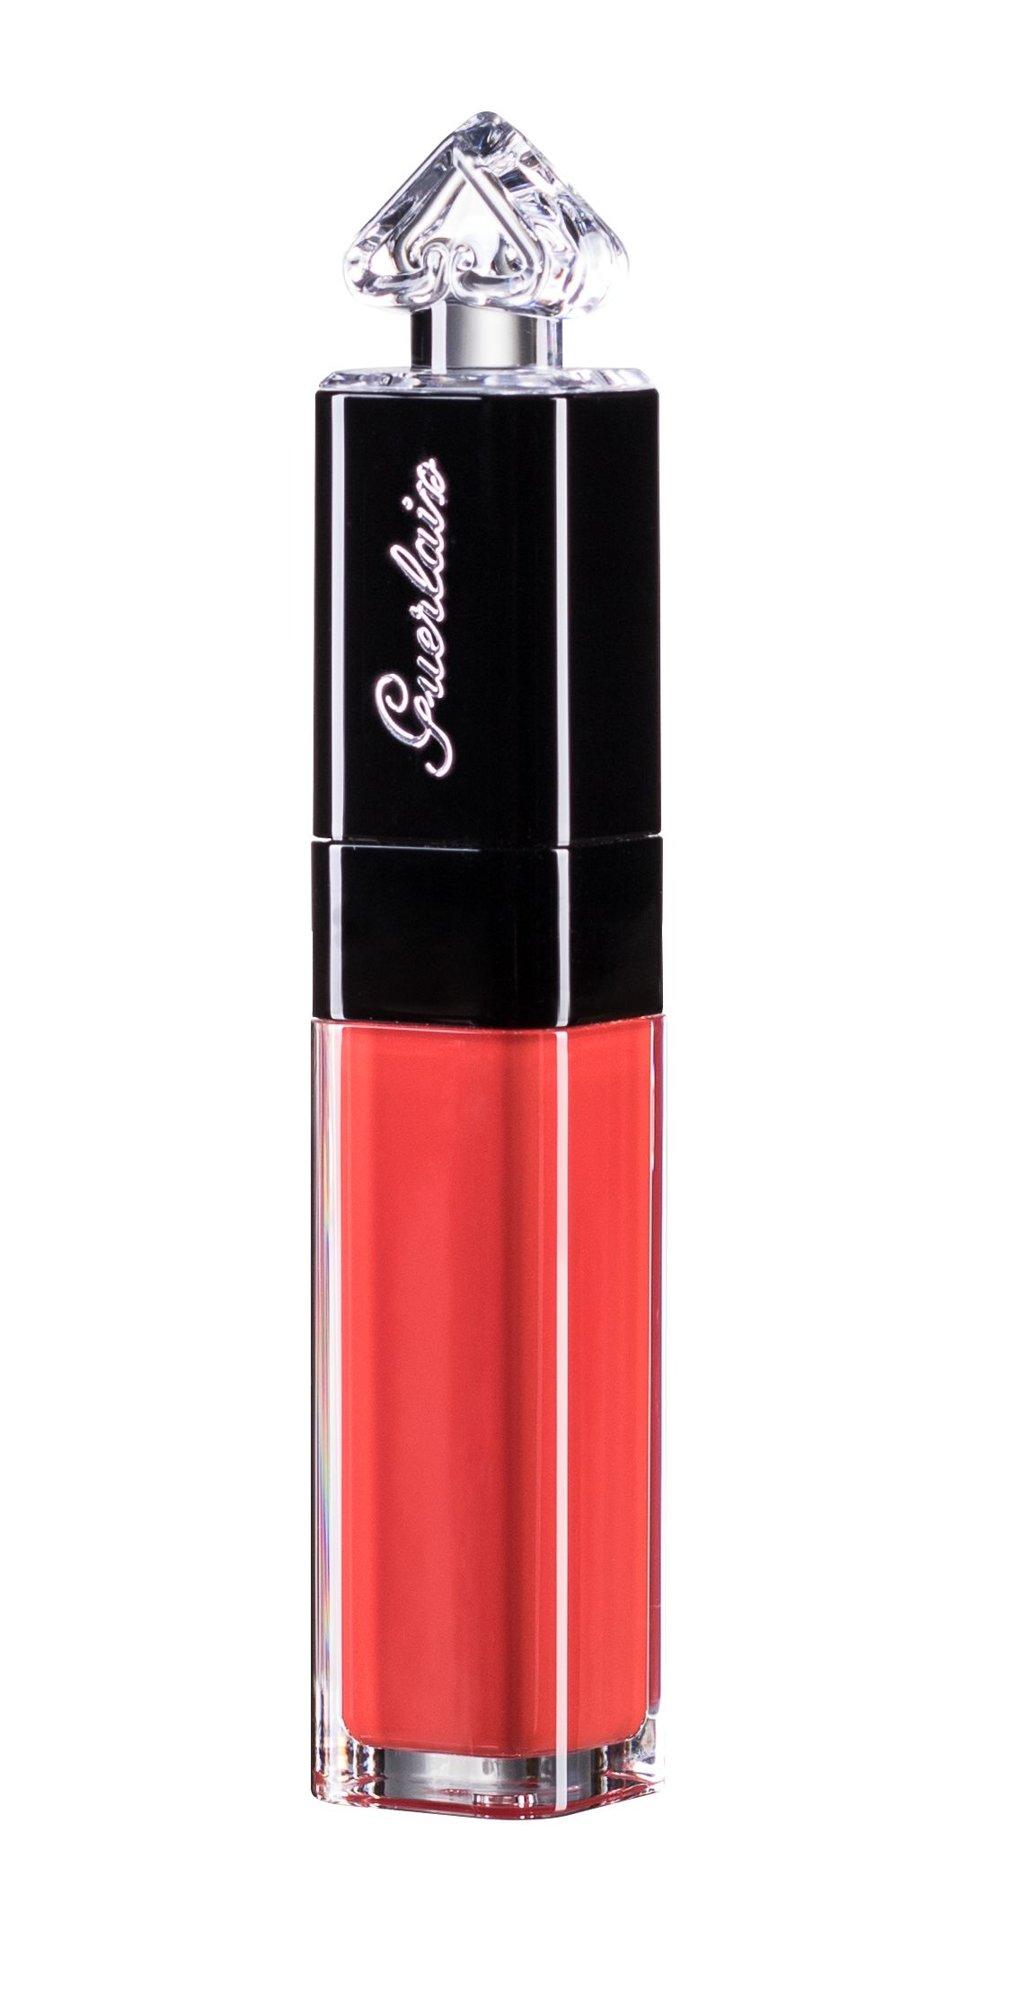 Guerlain La Petite Robe Noire Lipstick 6ml L140#Conqueror